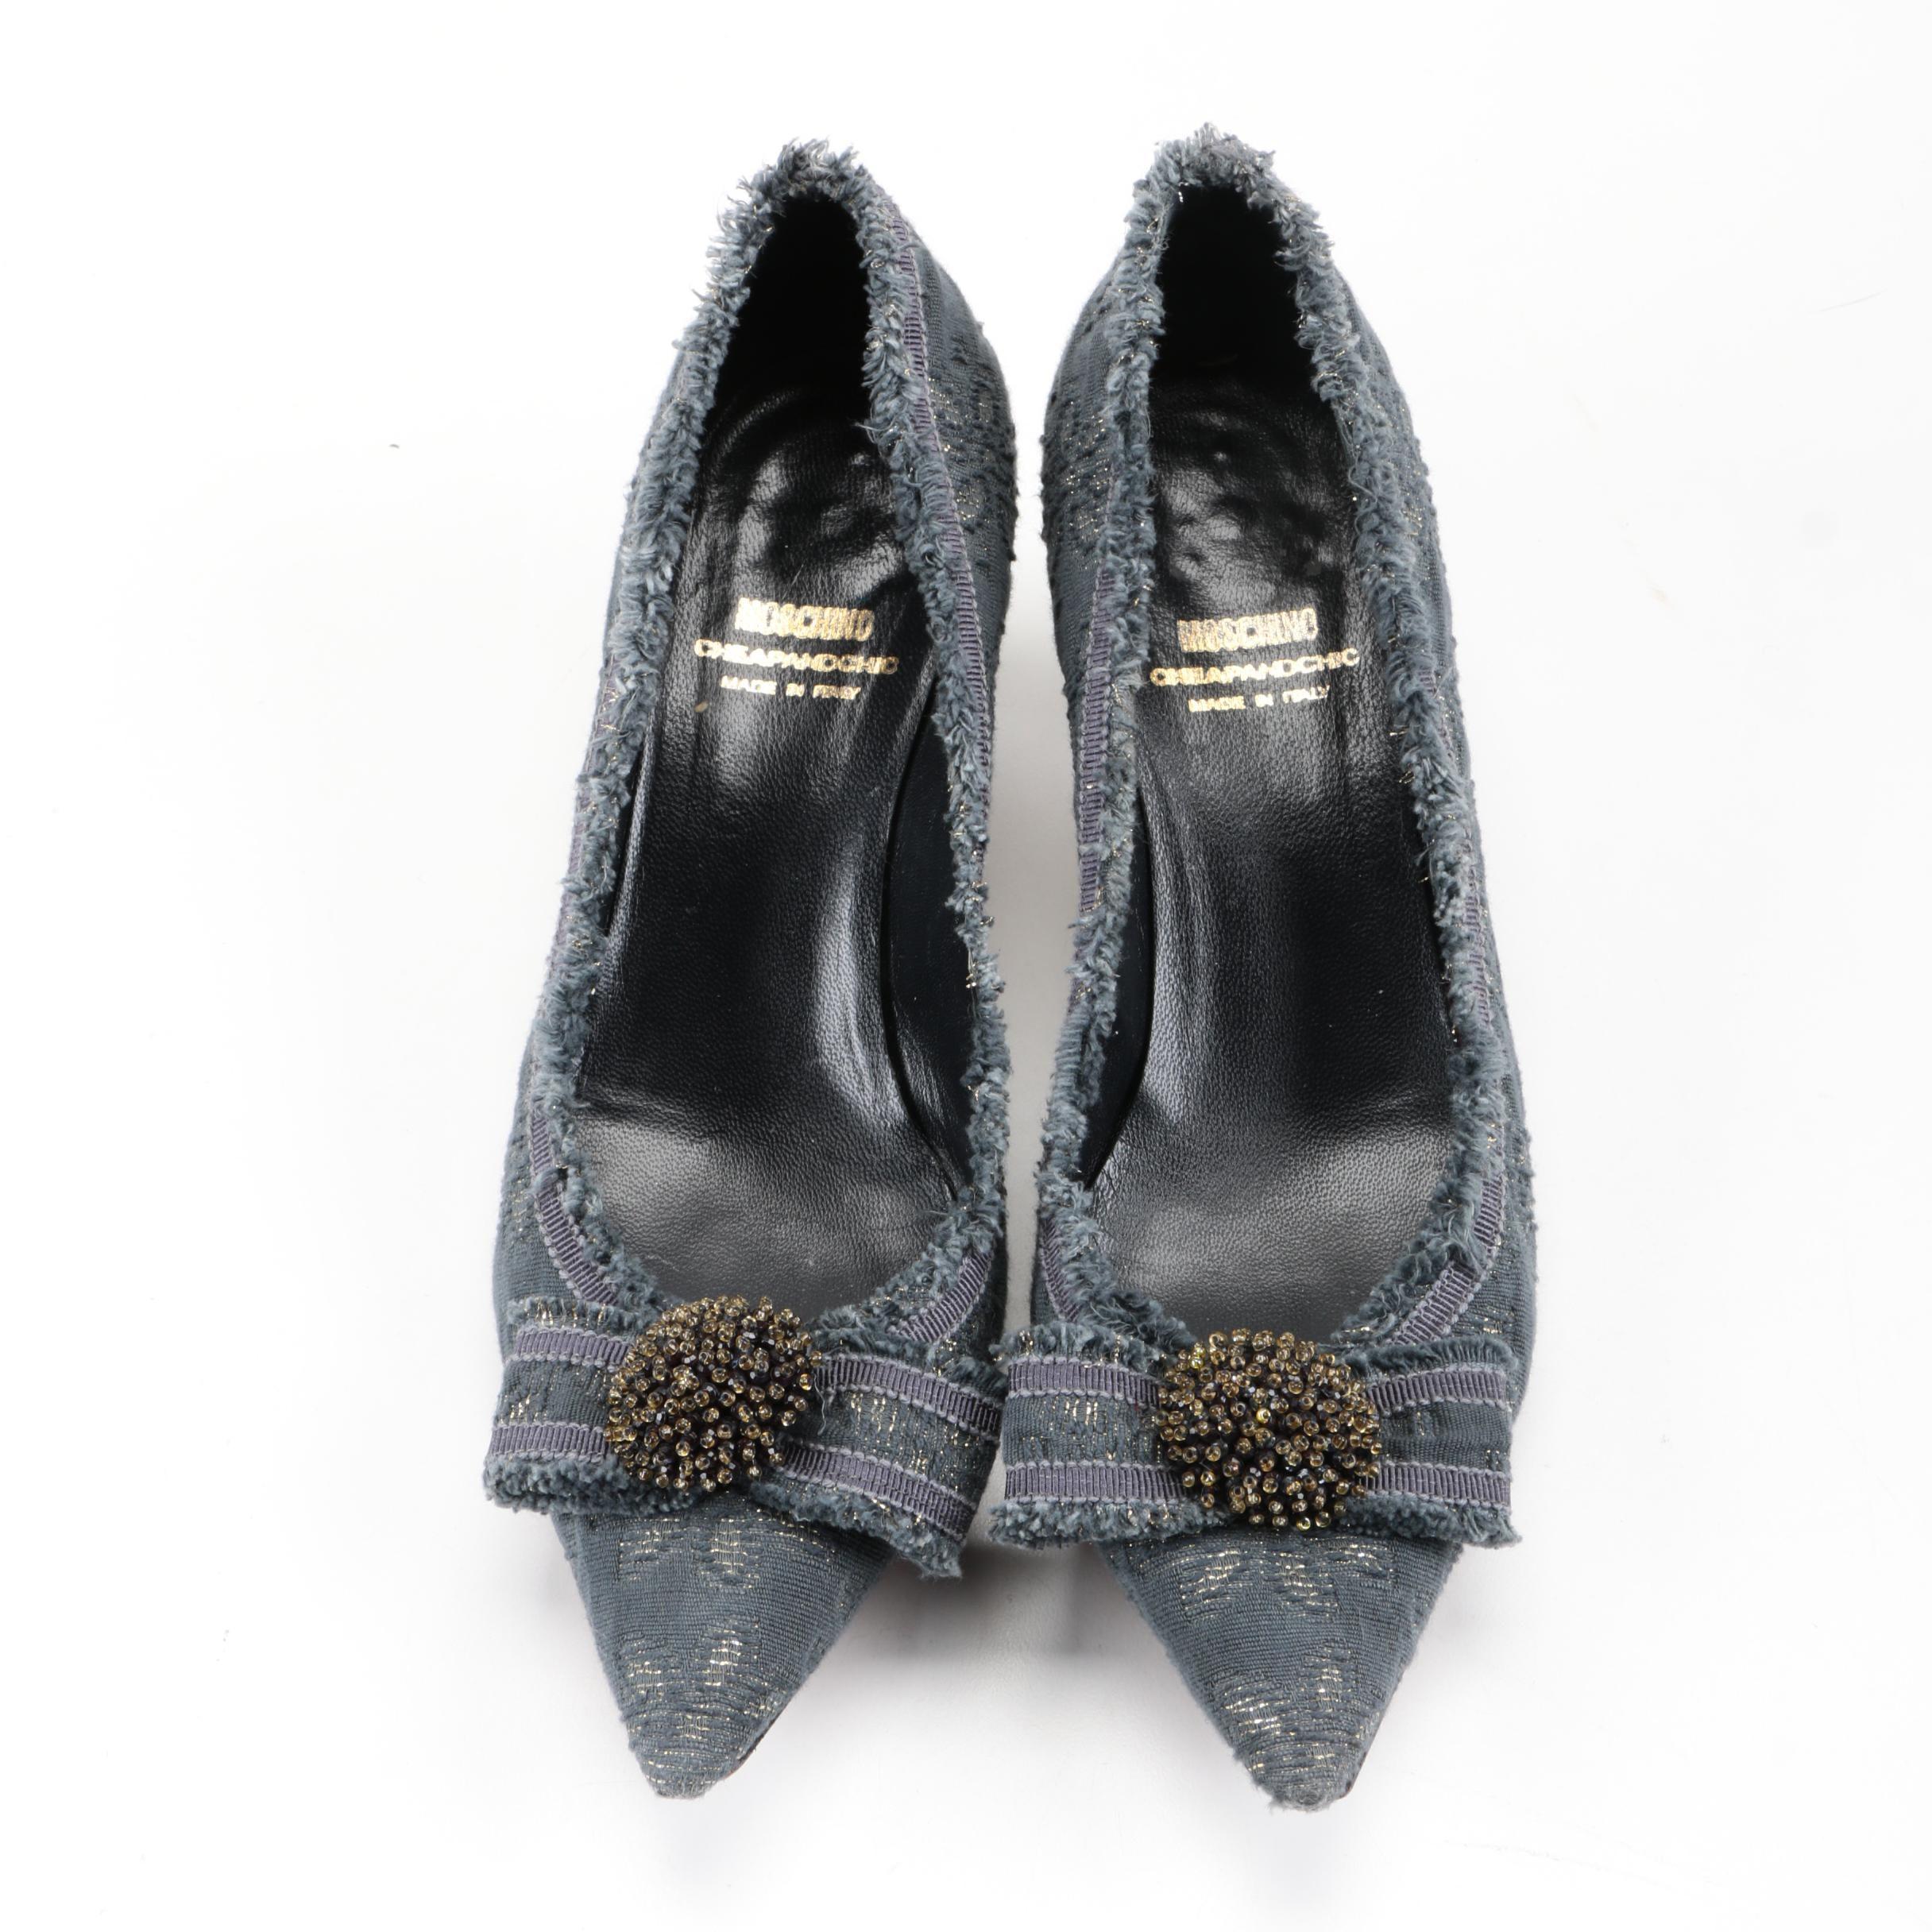 Moschino Cheap and Chic Kitten Heels